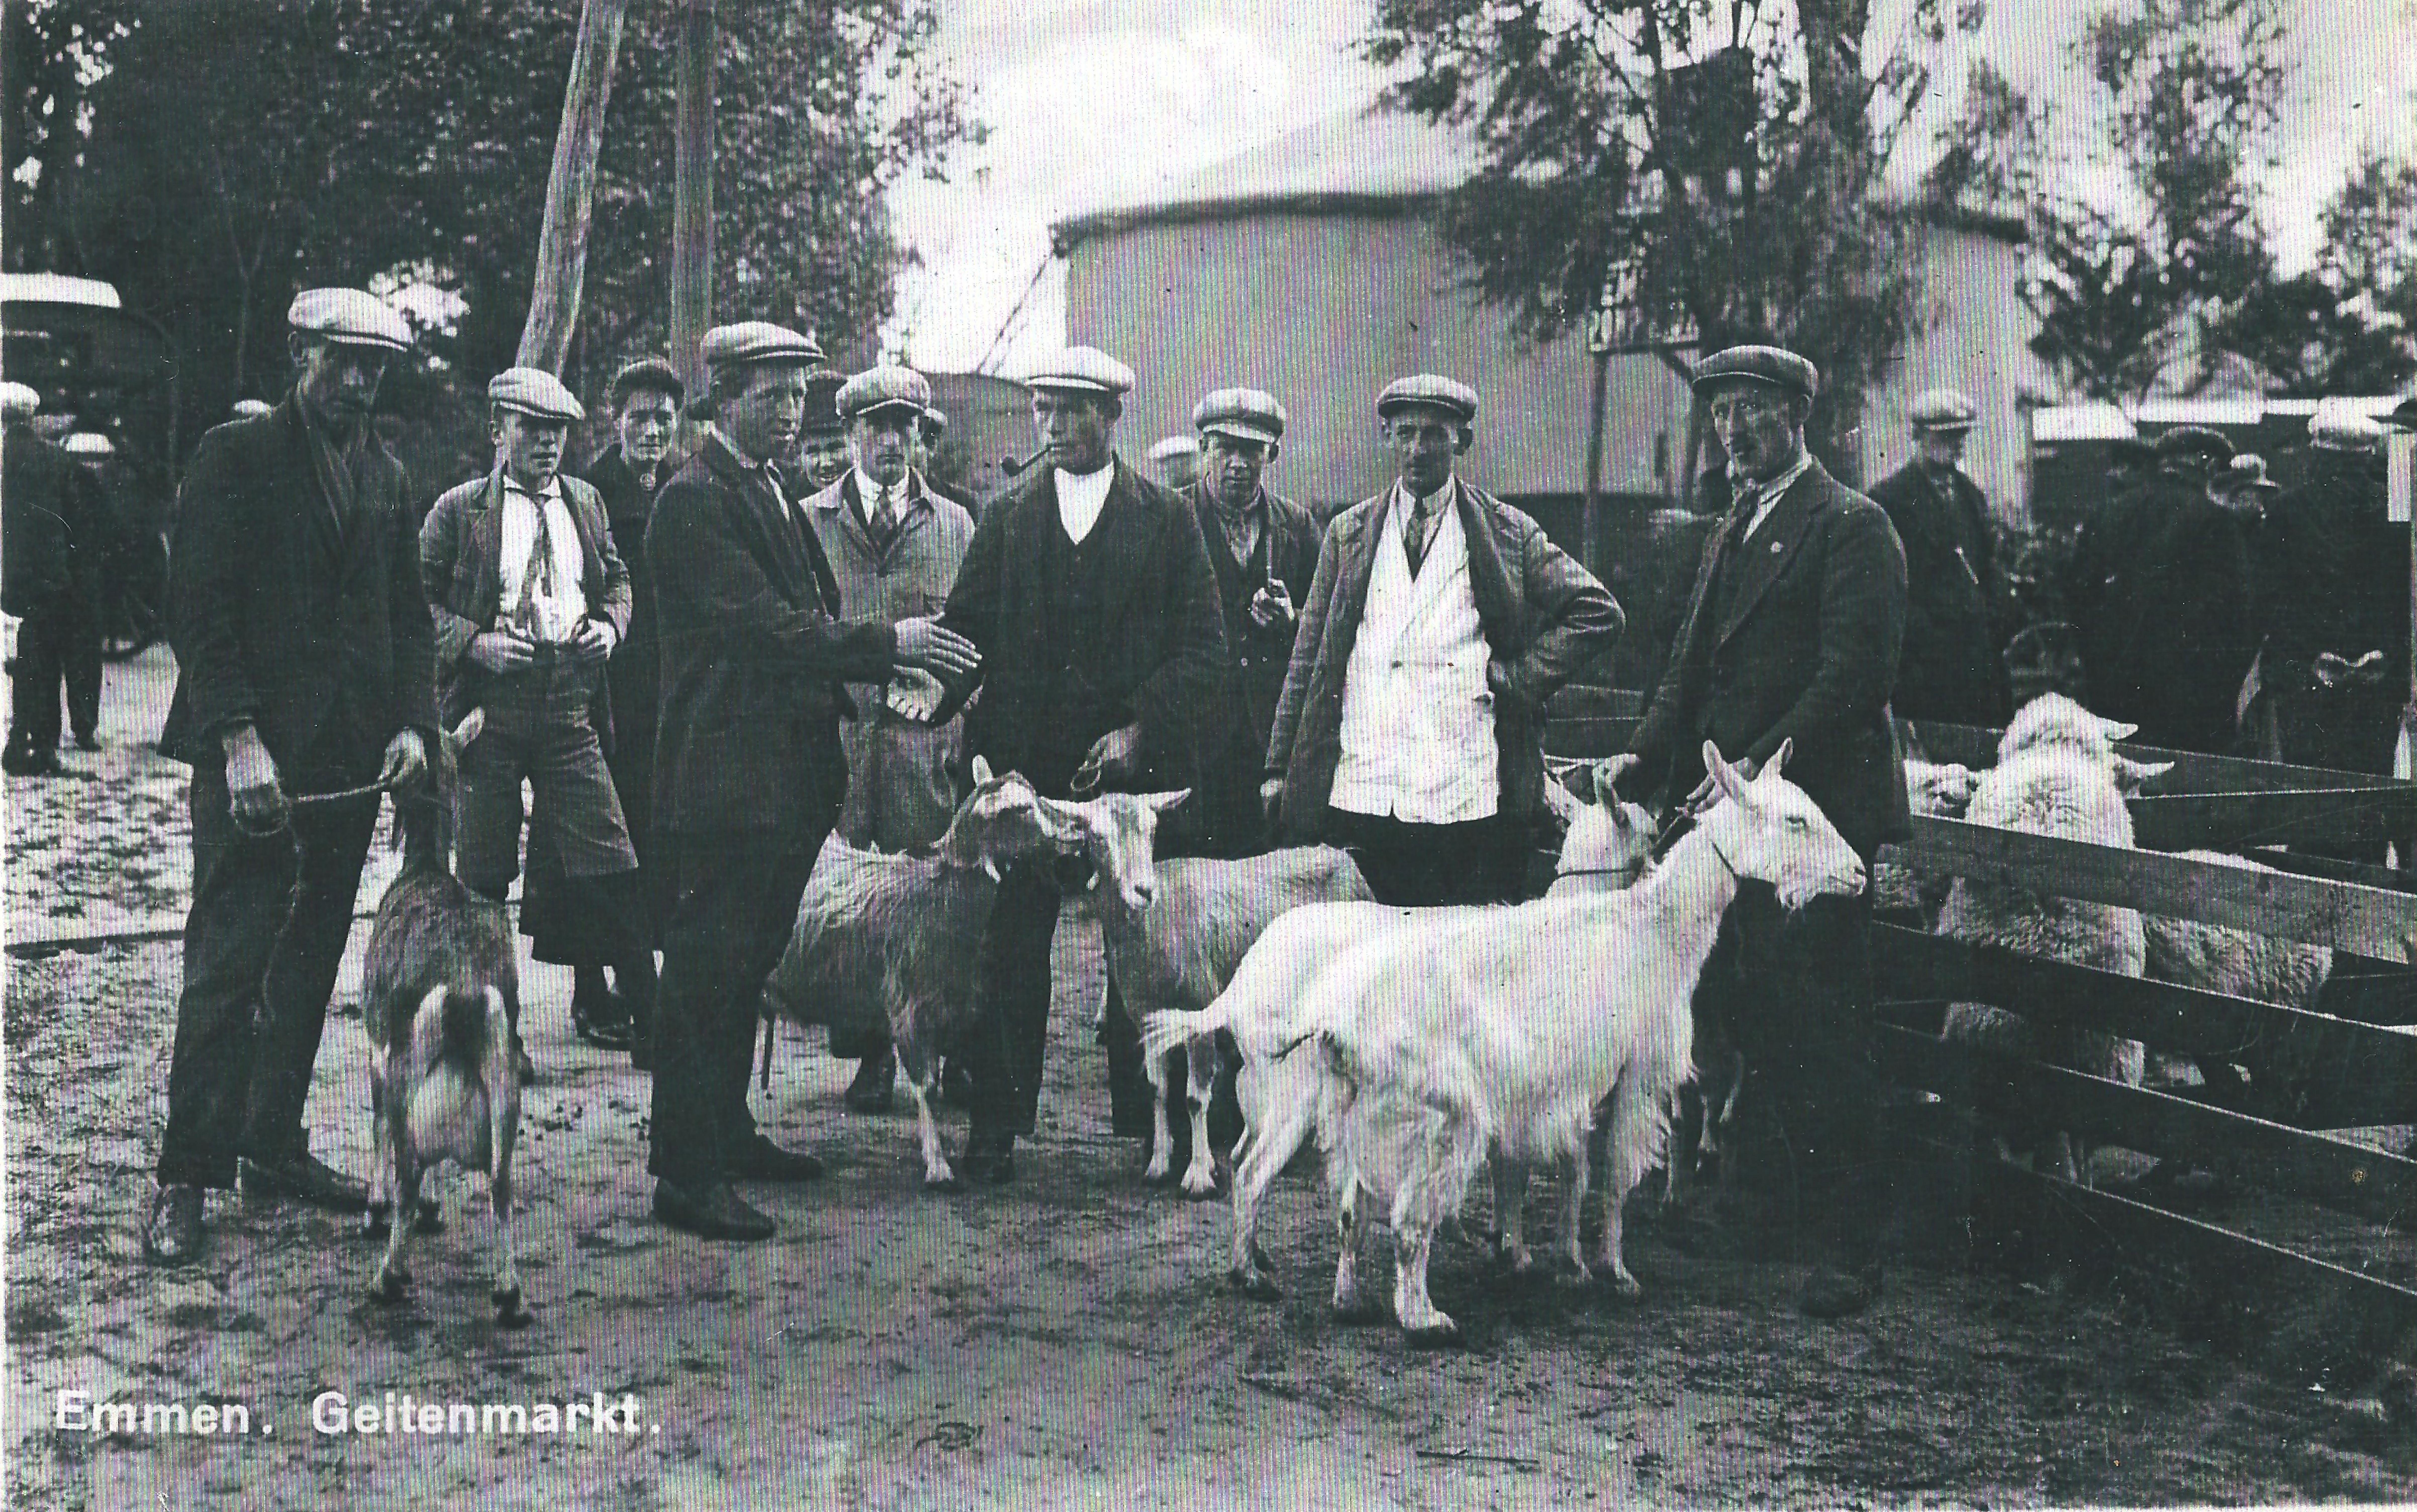 Emmen Geitenmarkt 1934